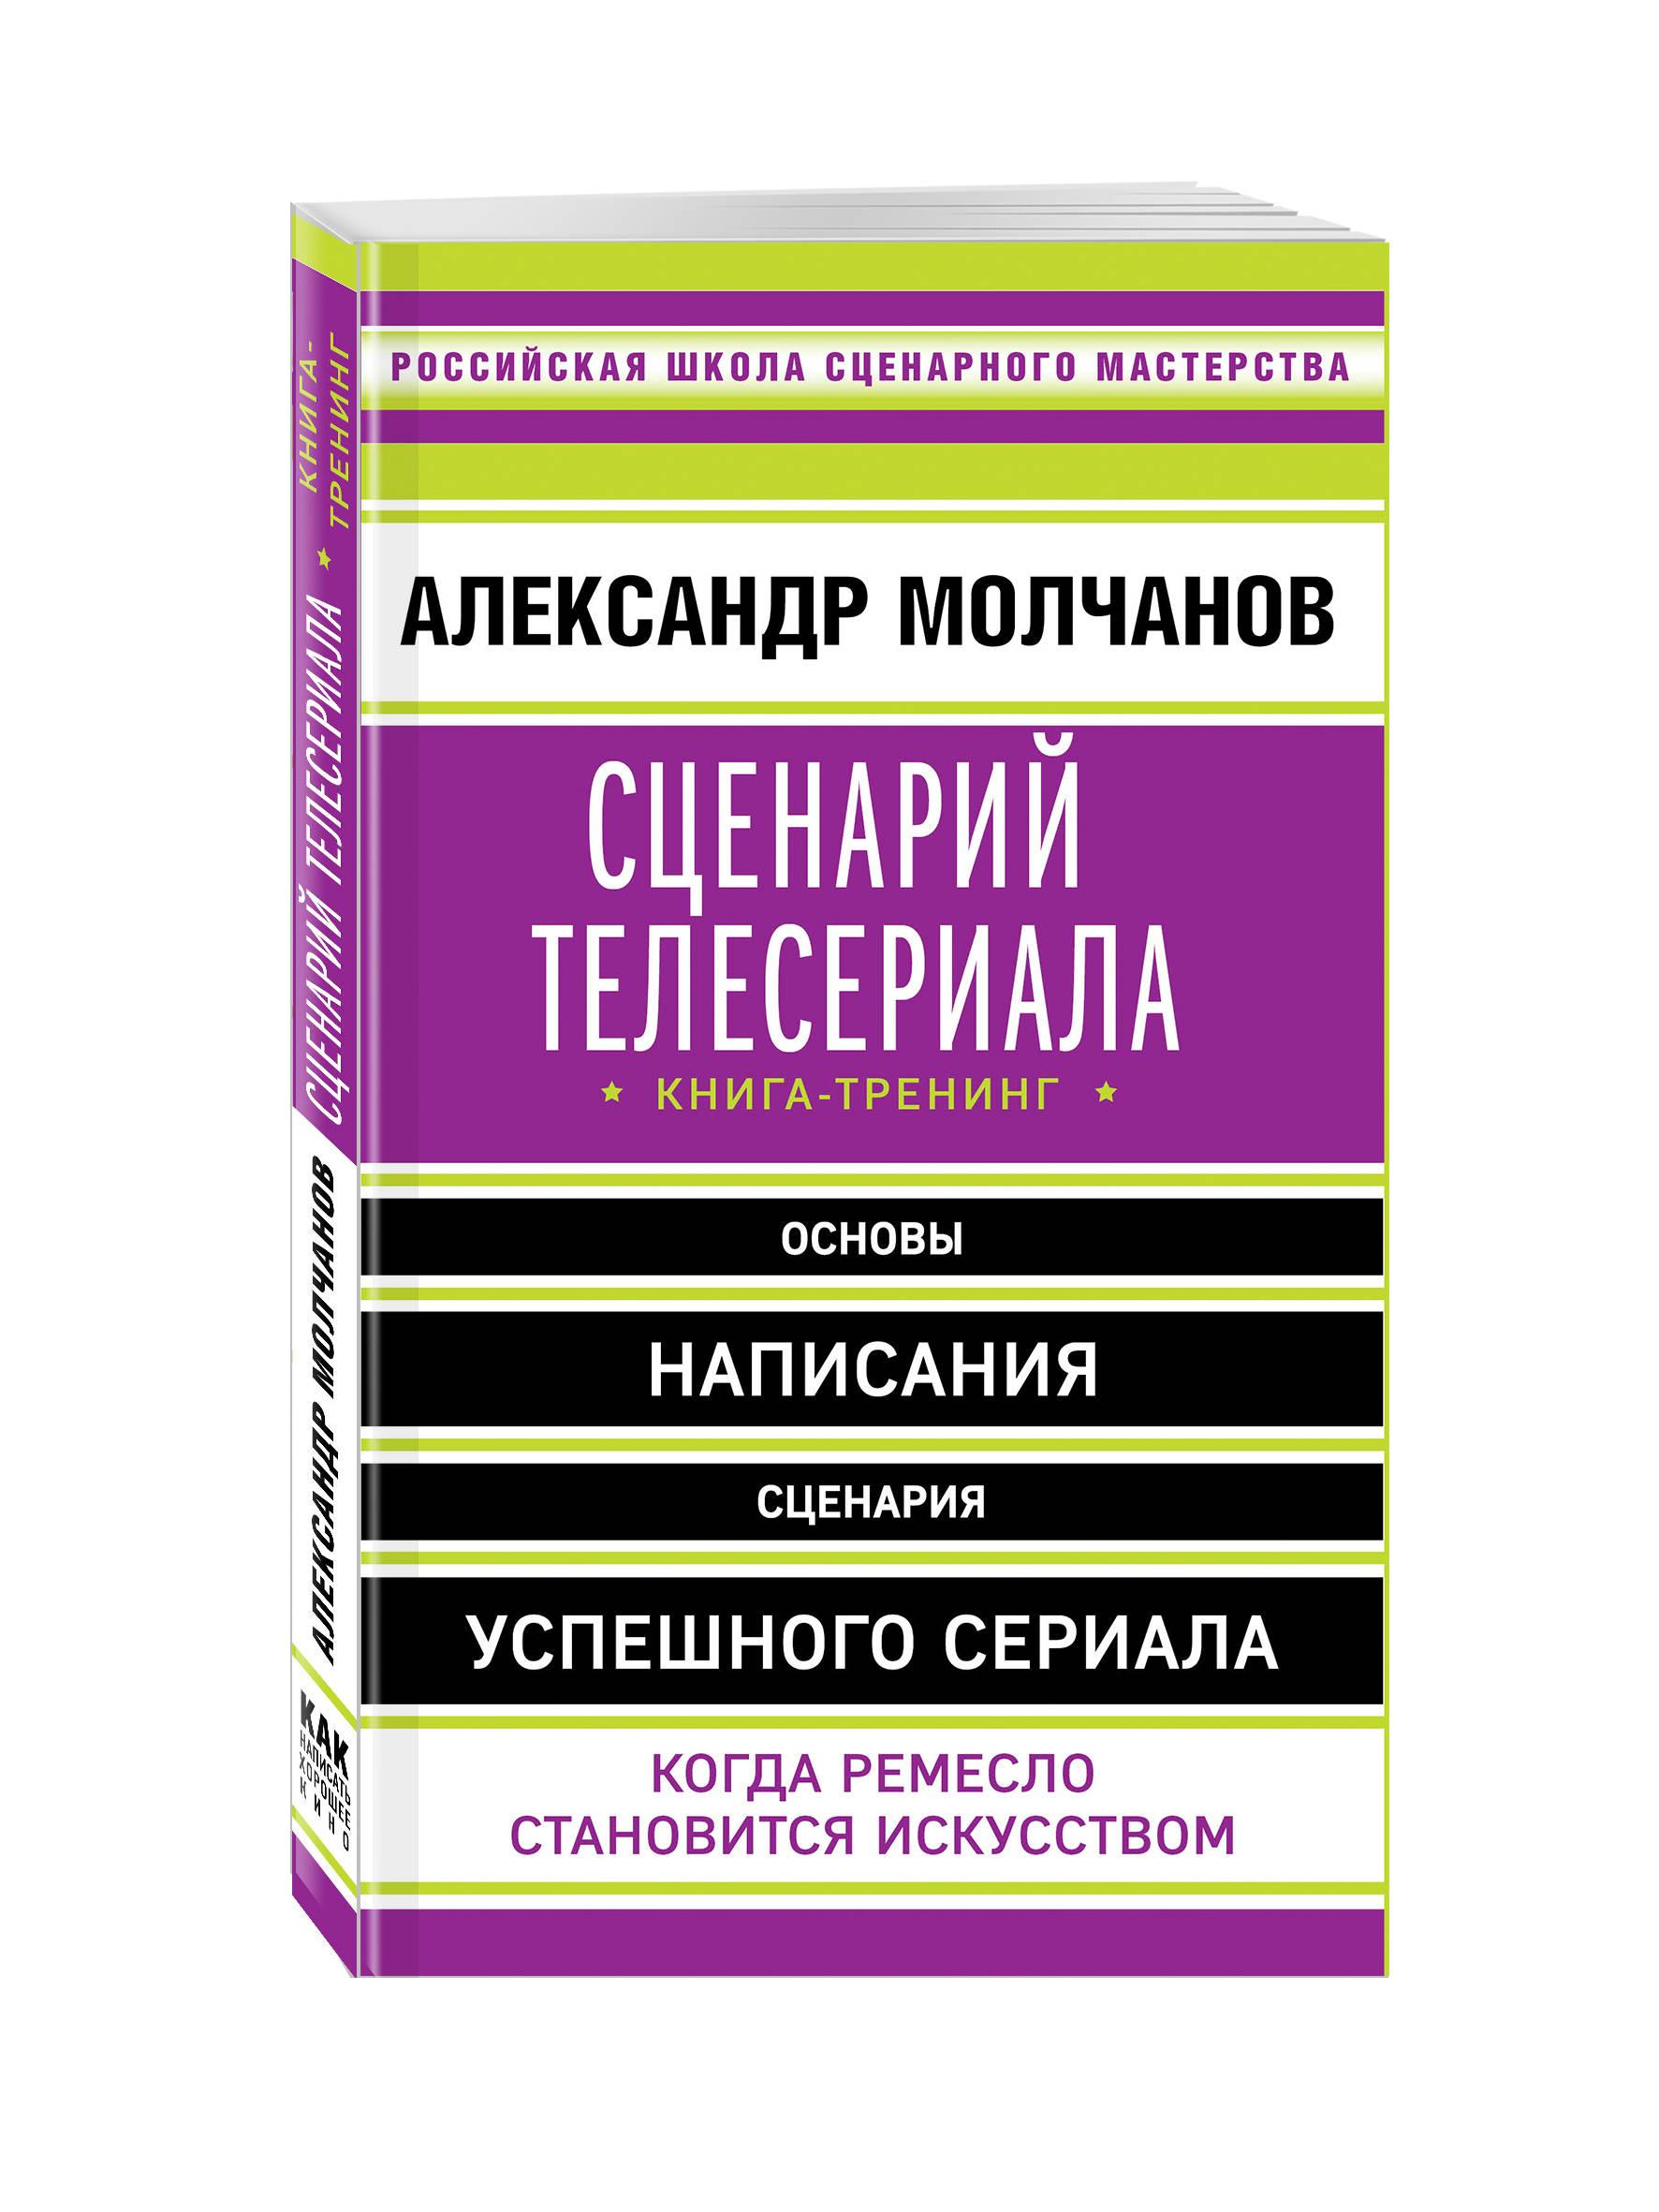 Сценарий телесериала. Книга-тренинг ( Александр Молчанов  )